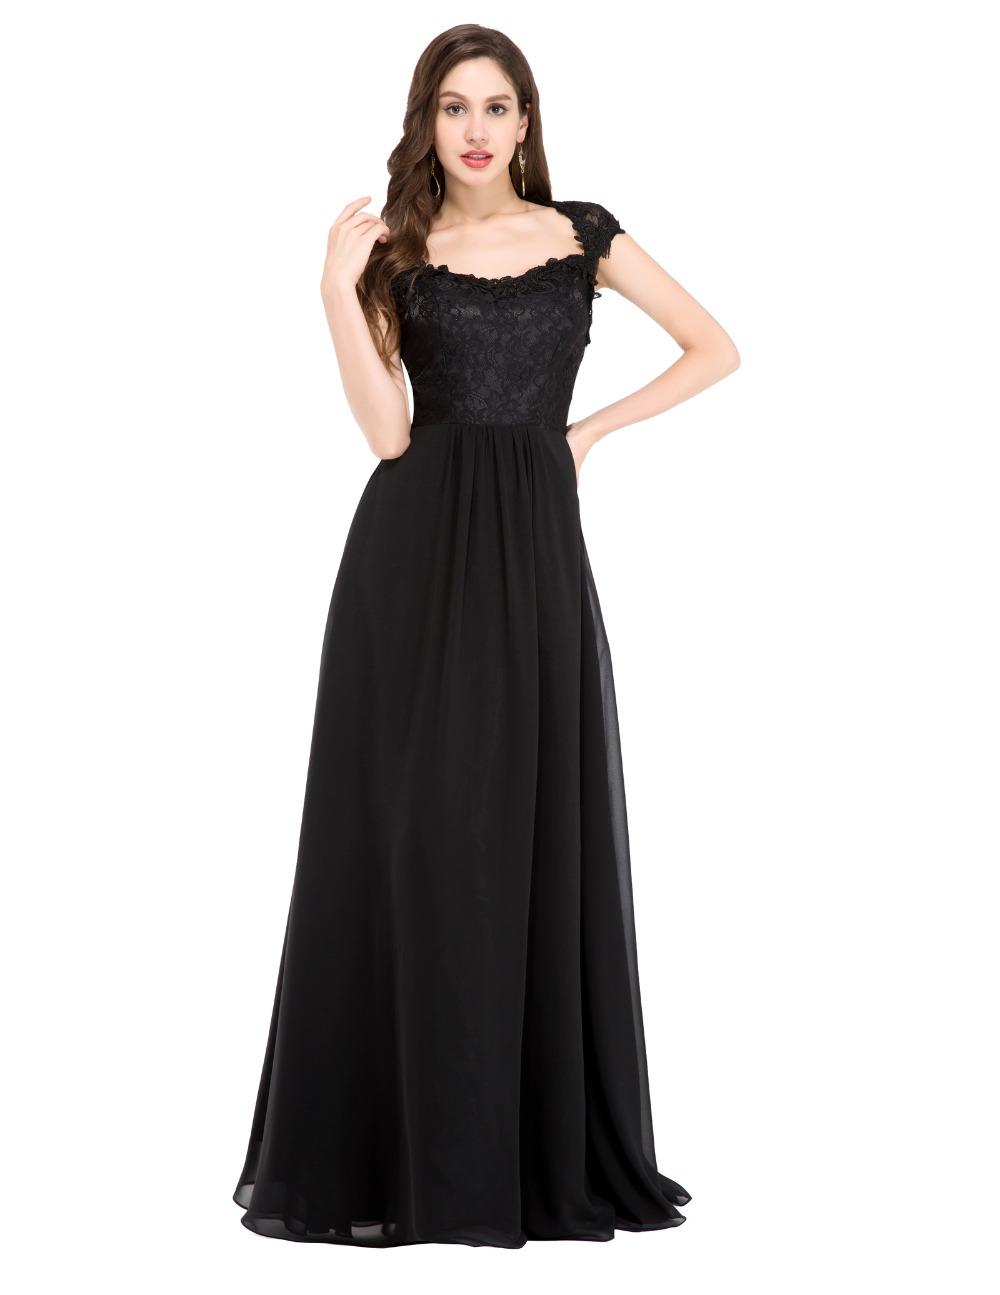 2016 En Şık Nişan Elbiseleri Long-black-font-b-lace-b-font-font-b-prom-b-font-font-b-dresses-b